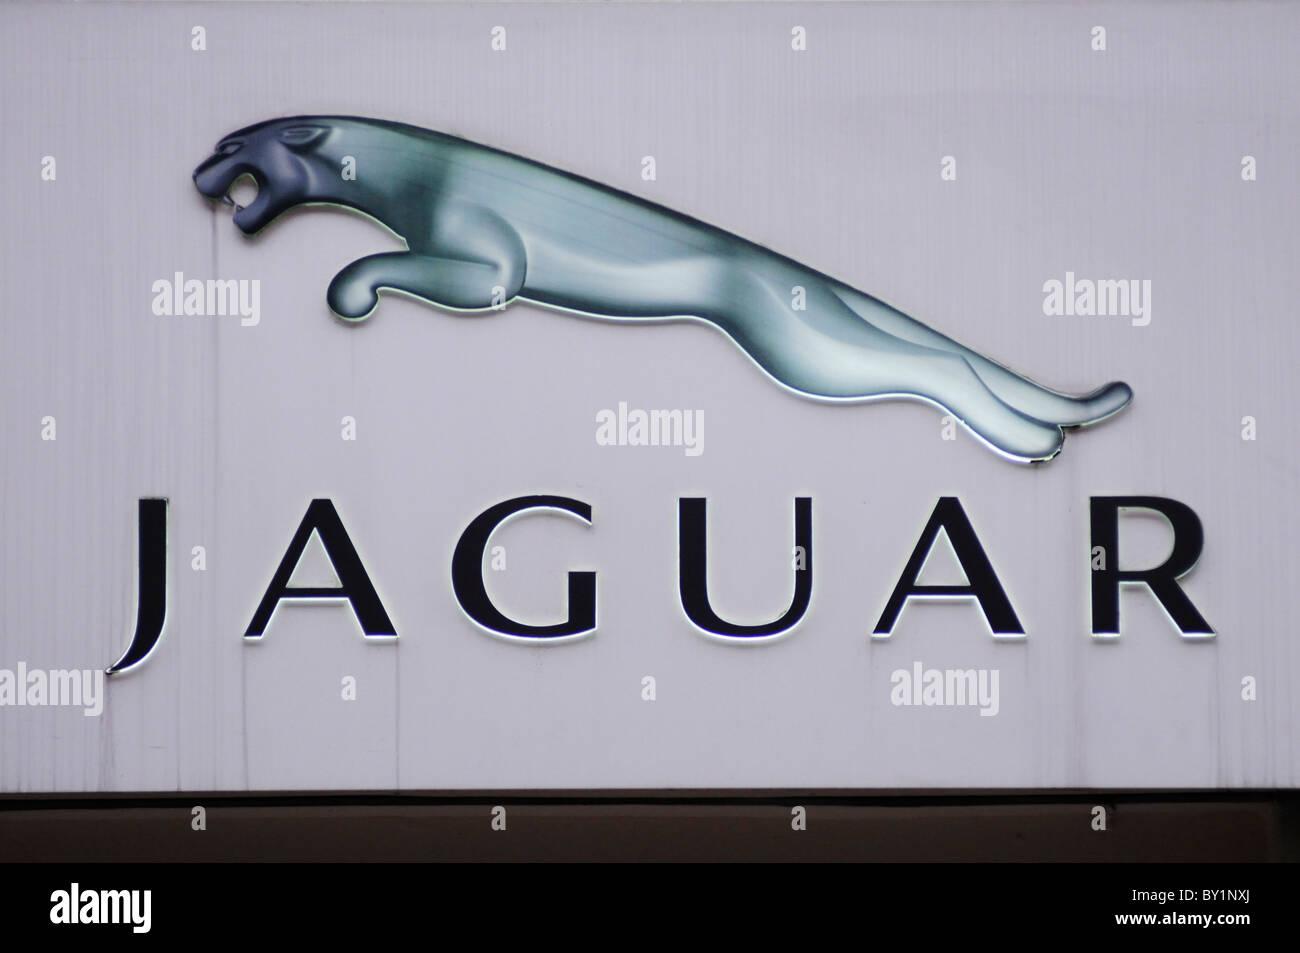 Jaguar symbol stock photos jaguar symbol stock images alamy jaguar car maker marque symbol logo mayfair london england uk stock buycottarizona